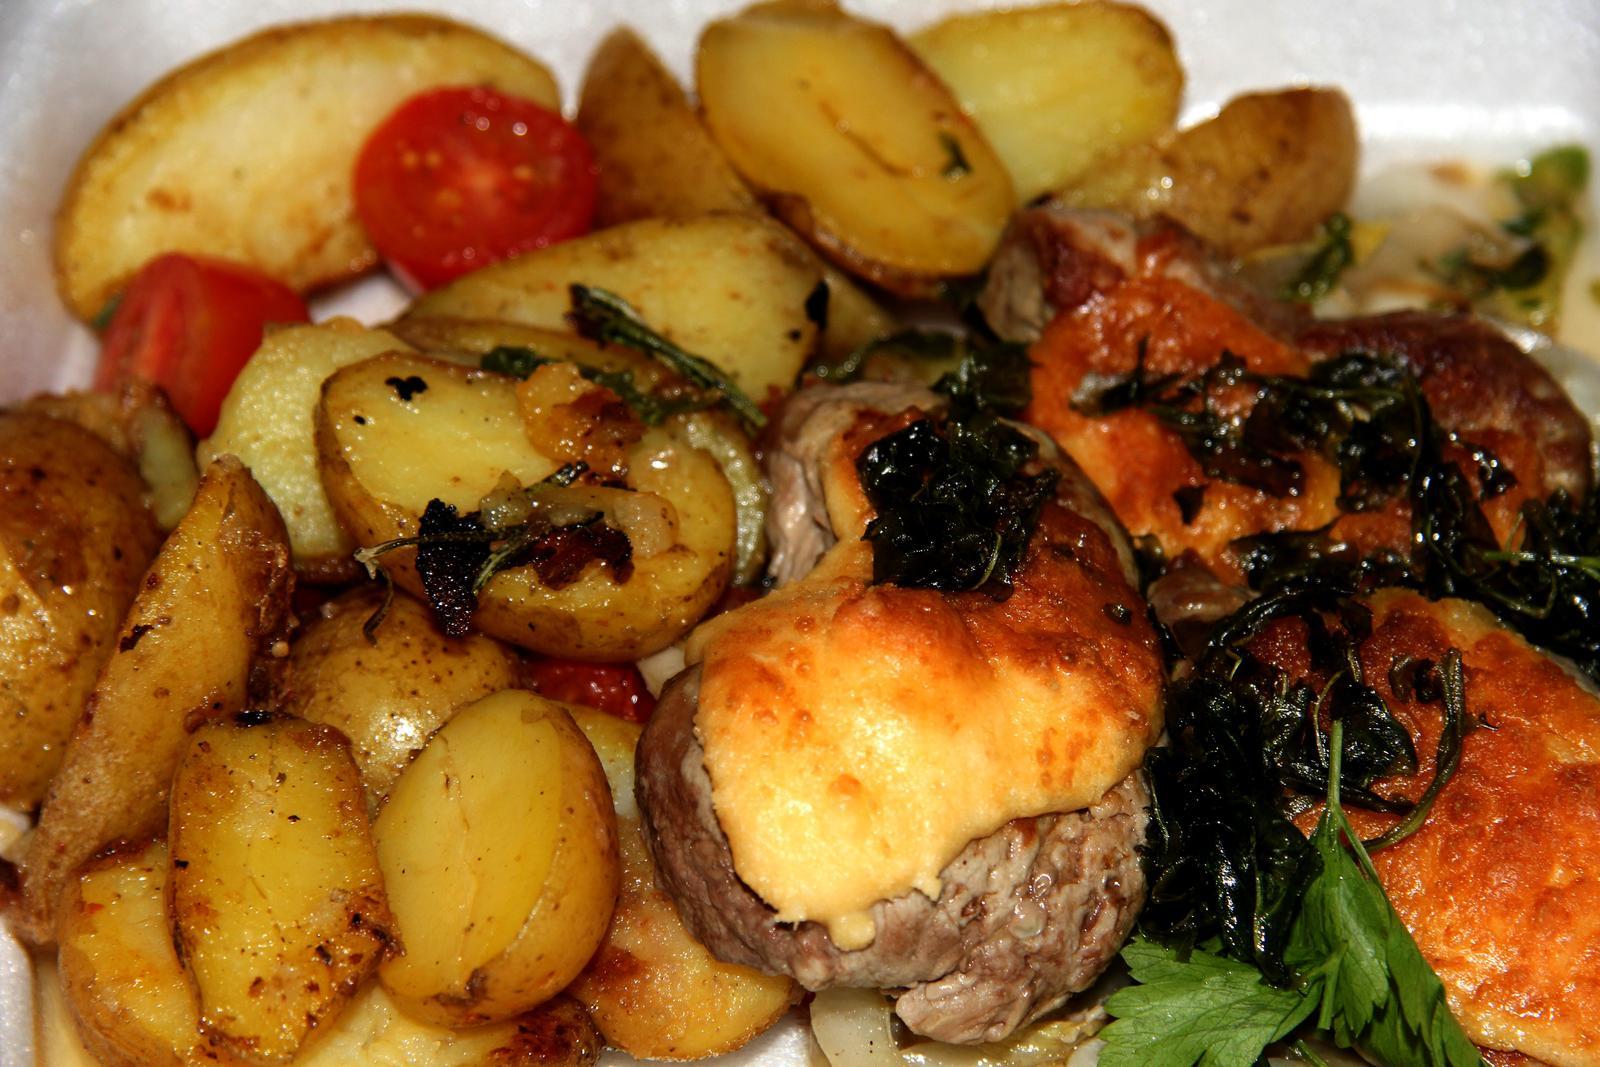 Degustační požitek - medailonky z vepřové panenky marinované v česneku, pečené na grilu v parmezánové krustě, se smaženou rukolou a restovanou čekankou na olivovém oleji a pečené brambory s rozmarýnem a cherry rajčátky